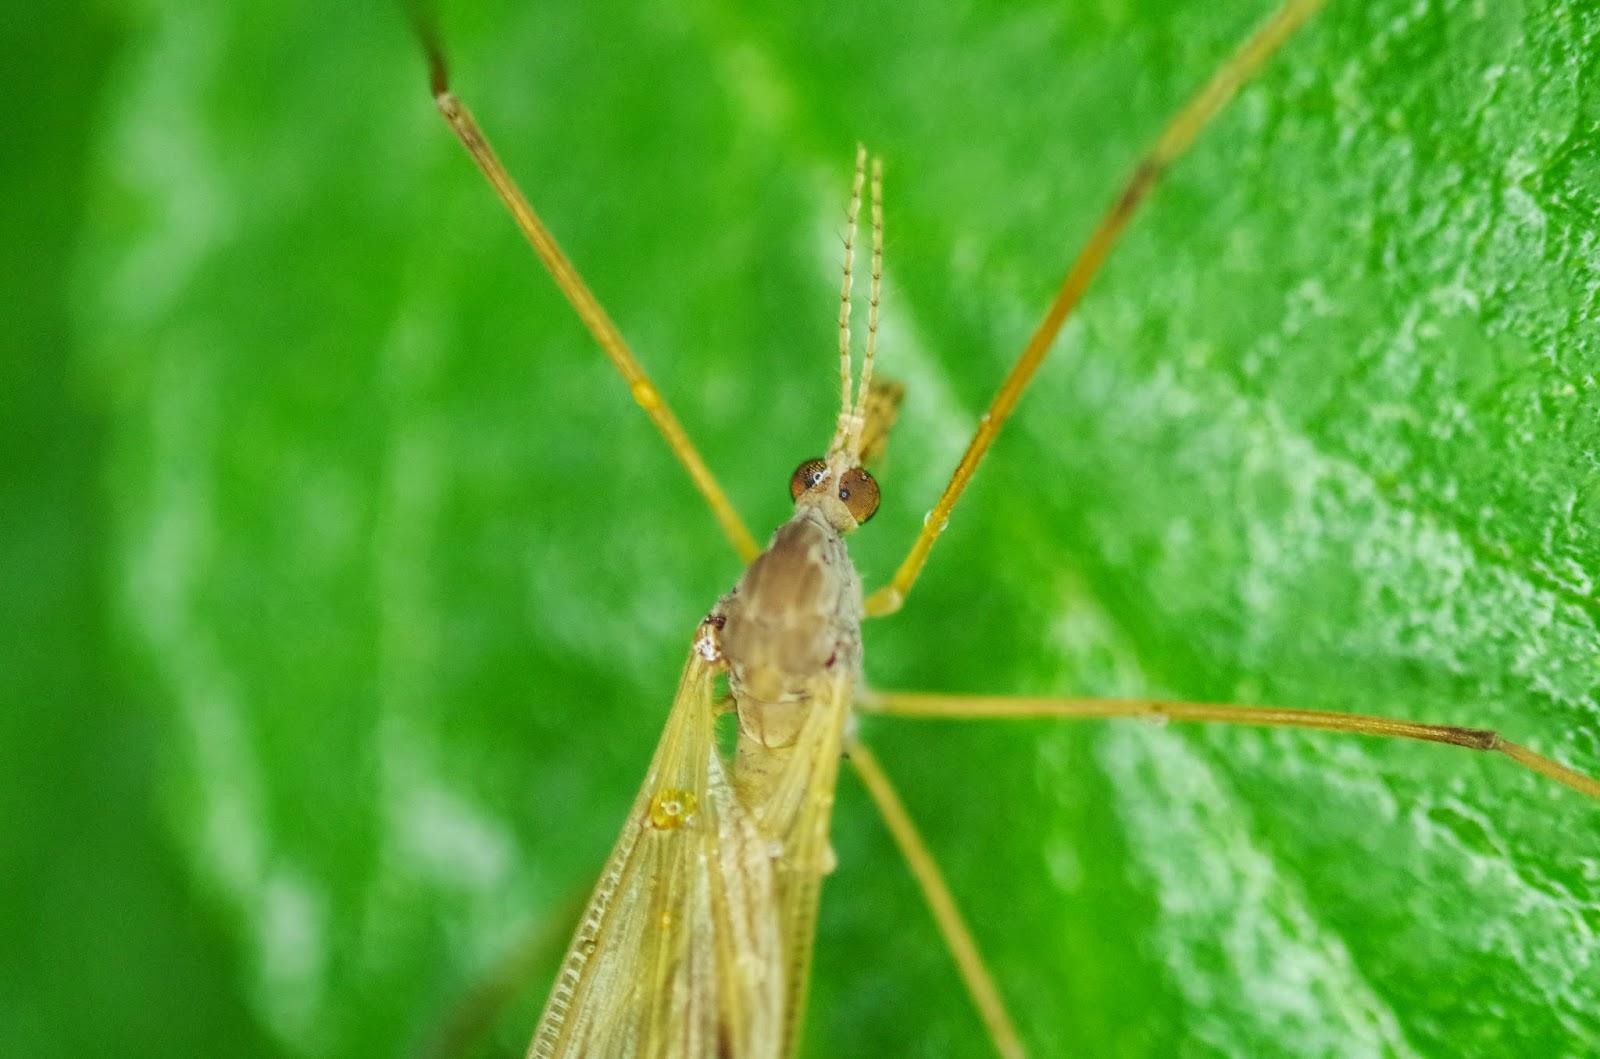 The Bugs in the Backyard: Umbrella